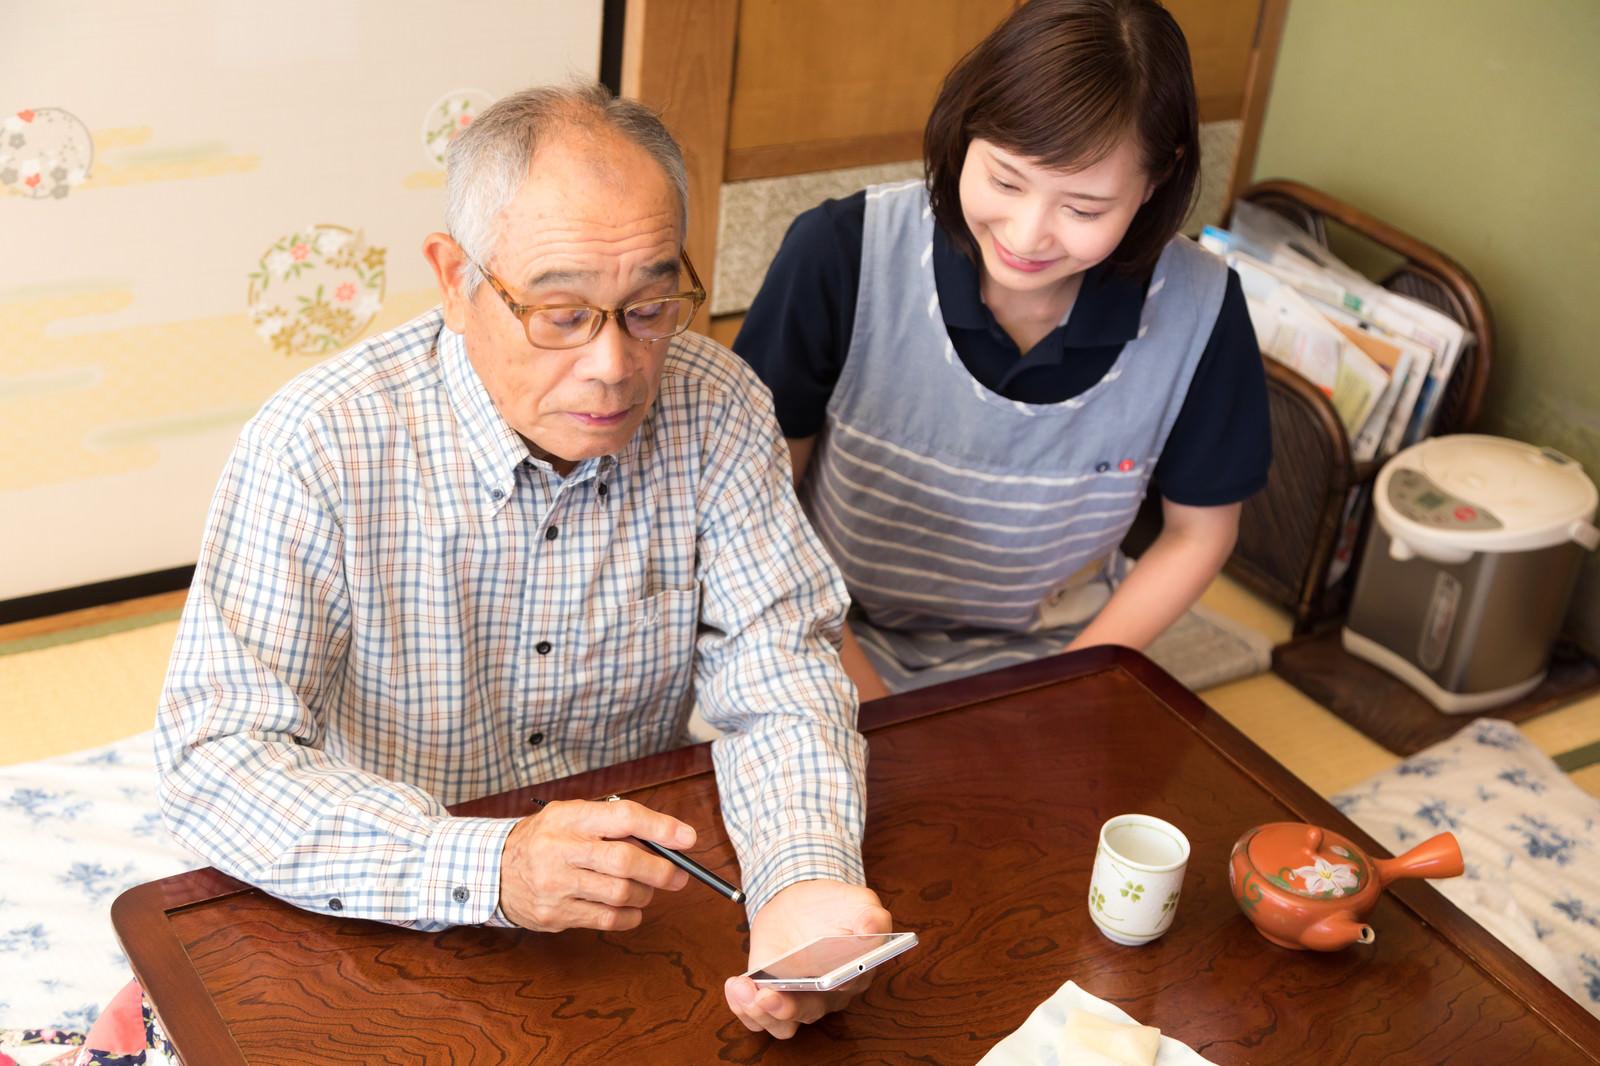 「孫とビデオチャットを楽しむお爺さんと側で教える介護士」の写真